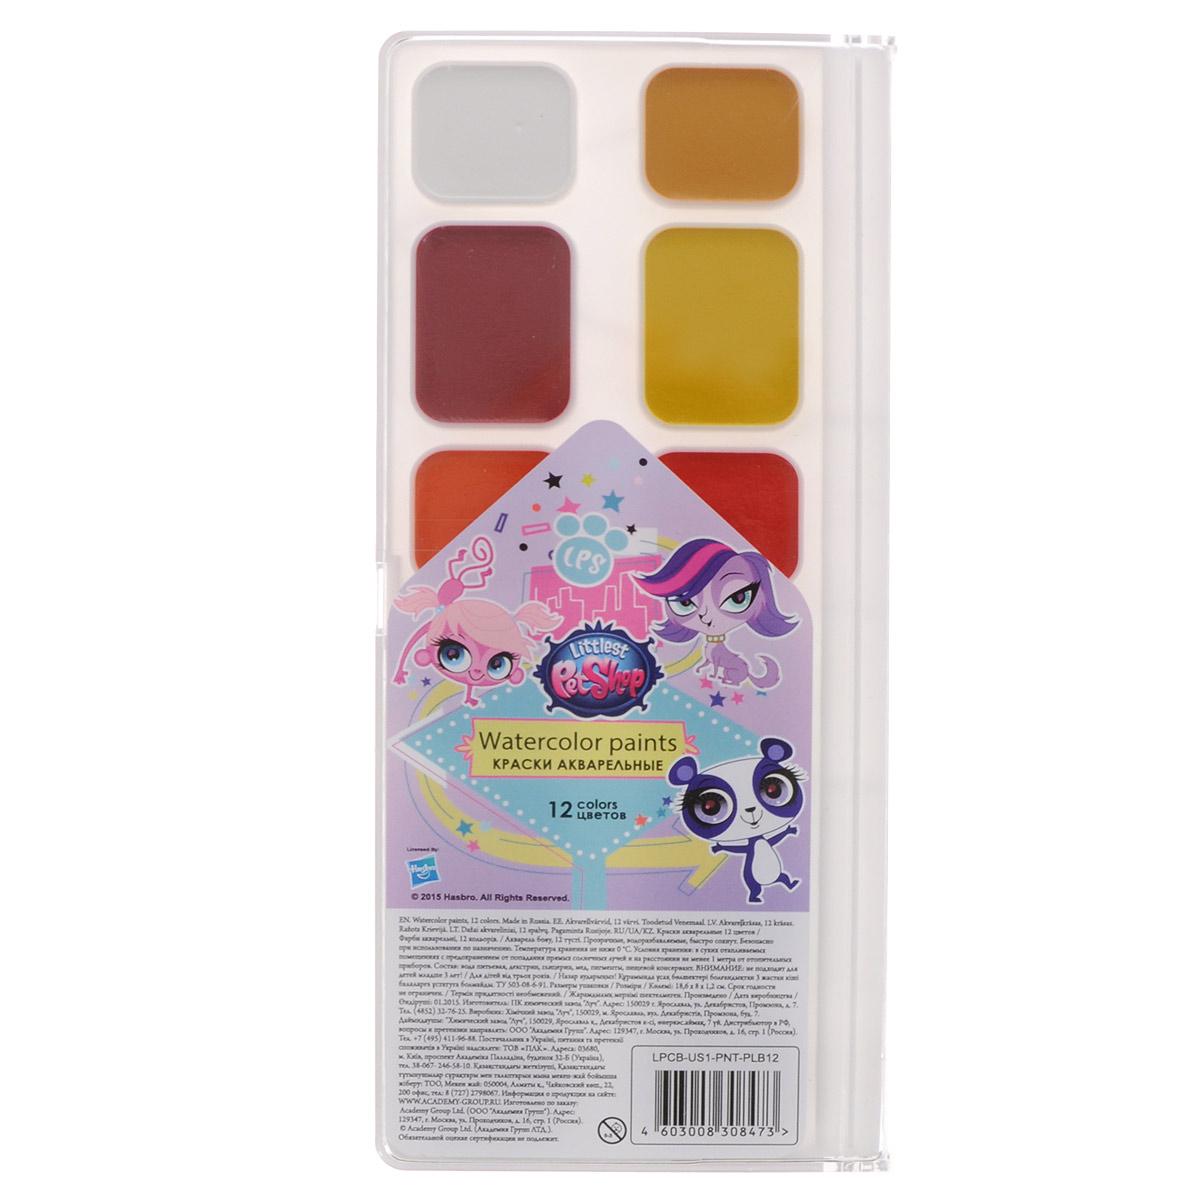 Краски акварельные медовые Littlest Pet Shop, 12 цветов2010440Медовые акварельные краски Littlest Pet Shop идеально подойдут для детского художественного творчества, изобразительных и оформительских работ. Краски легко размываются, создавая прозрачный цветной слой, легко смешиваются между собой, не крошатся и не смазываются, быстро сохнут.В набор входят краски 12 ярких насыщенных цветов и оттенков. В процессе рисования у детей развивается наглядно-образное мышление, воображение, мелкая моторика рук, творческие и художественные способности, вырабатывается усидчивость и аккуратность.